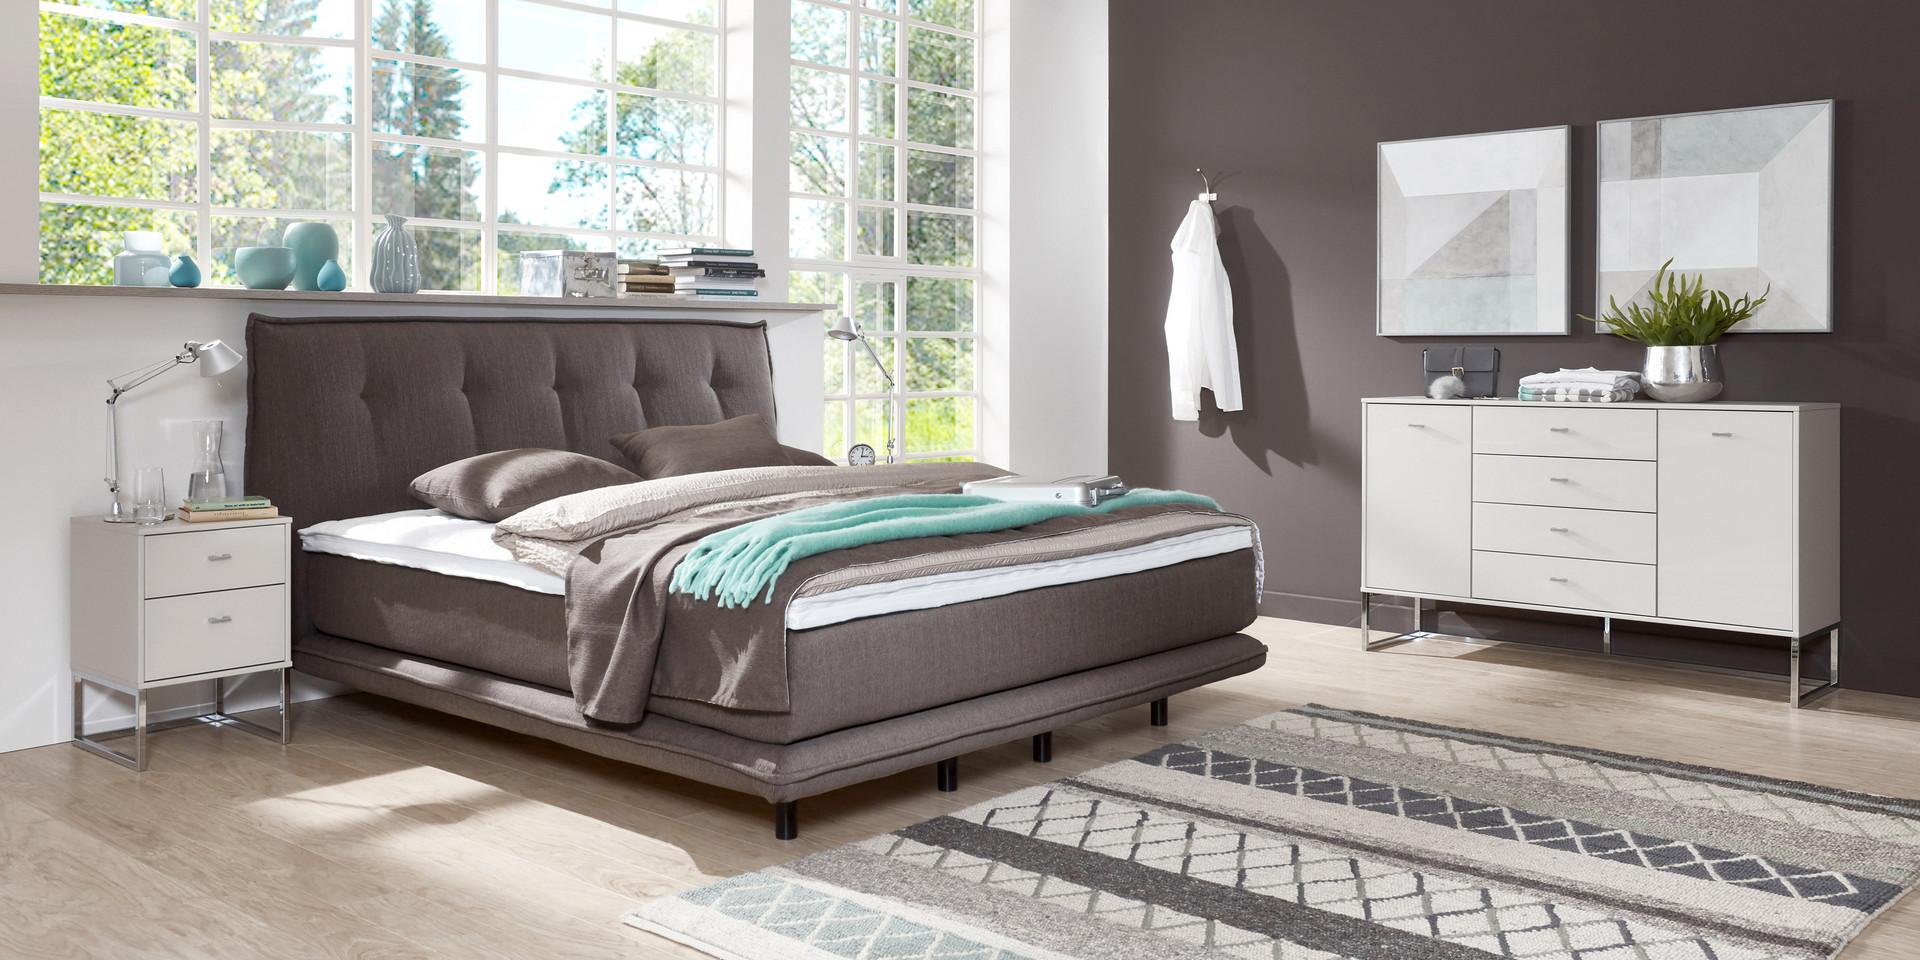 Unsere Kompakten Kommoden Nachtschranke Und Betten Vigo Mobelhersteller Wiemann Oeseder Mobel Industrie